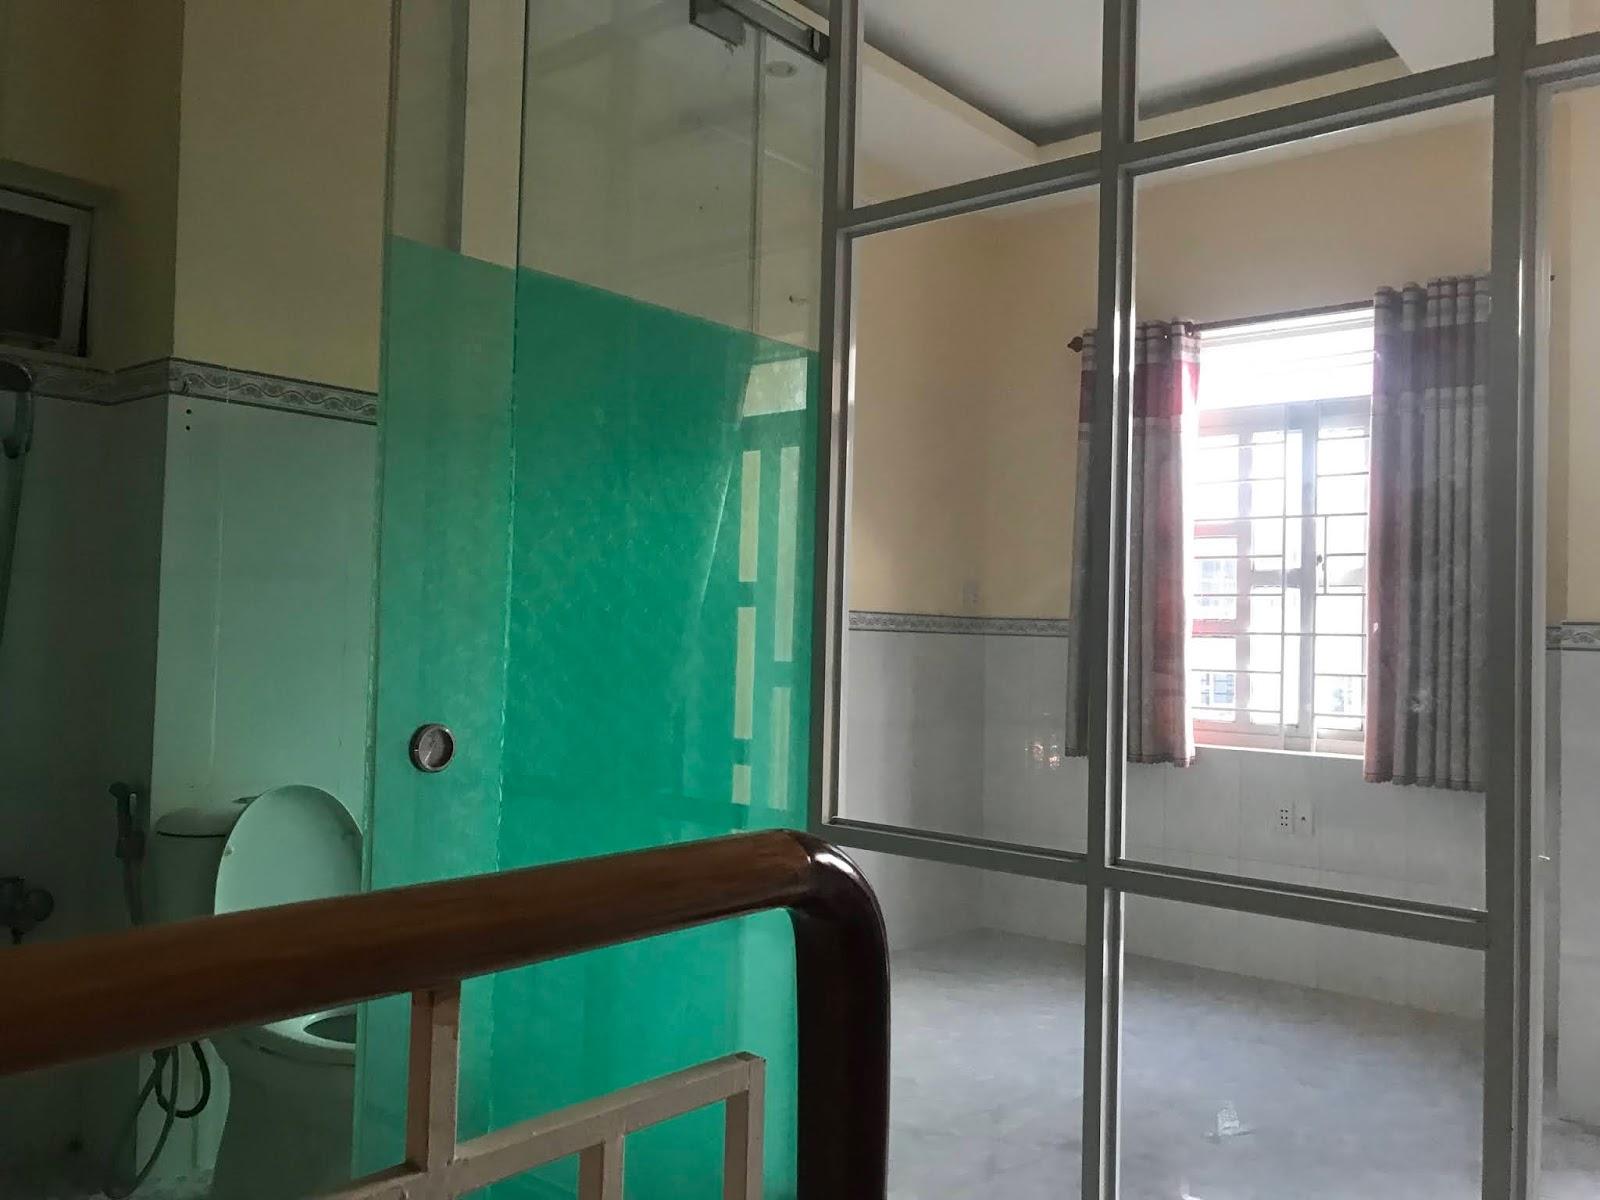 Bán nhà hẻm 3189 Phạm Thế Hiển phường 7 Quận 8. Dt 4,5x8m trệt 2 lầu